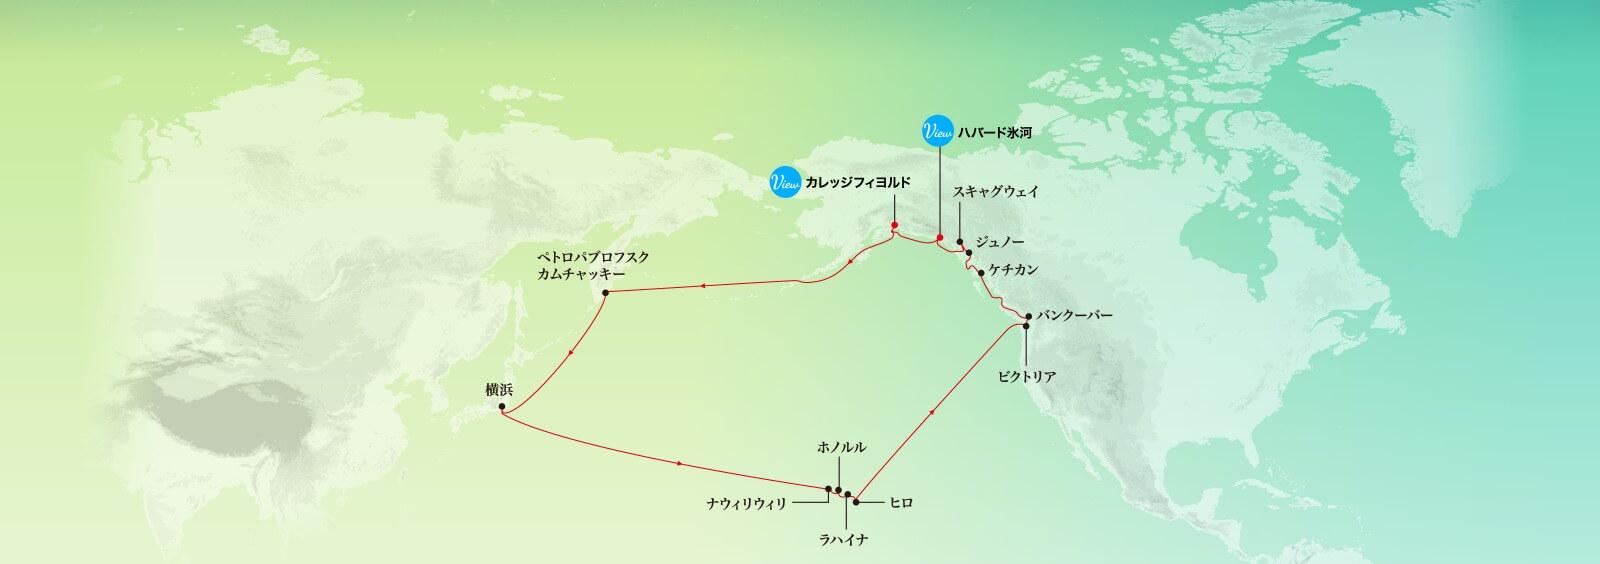 2019年 ハワイ・アラスカ グランドクルーズ 航路図